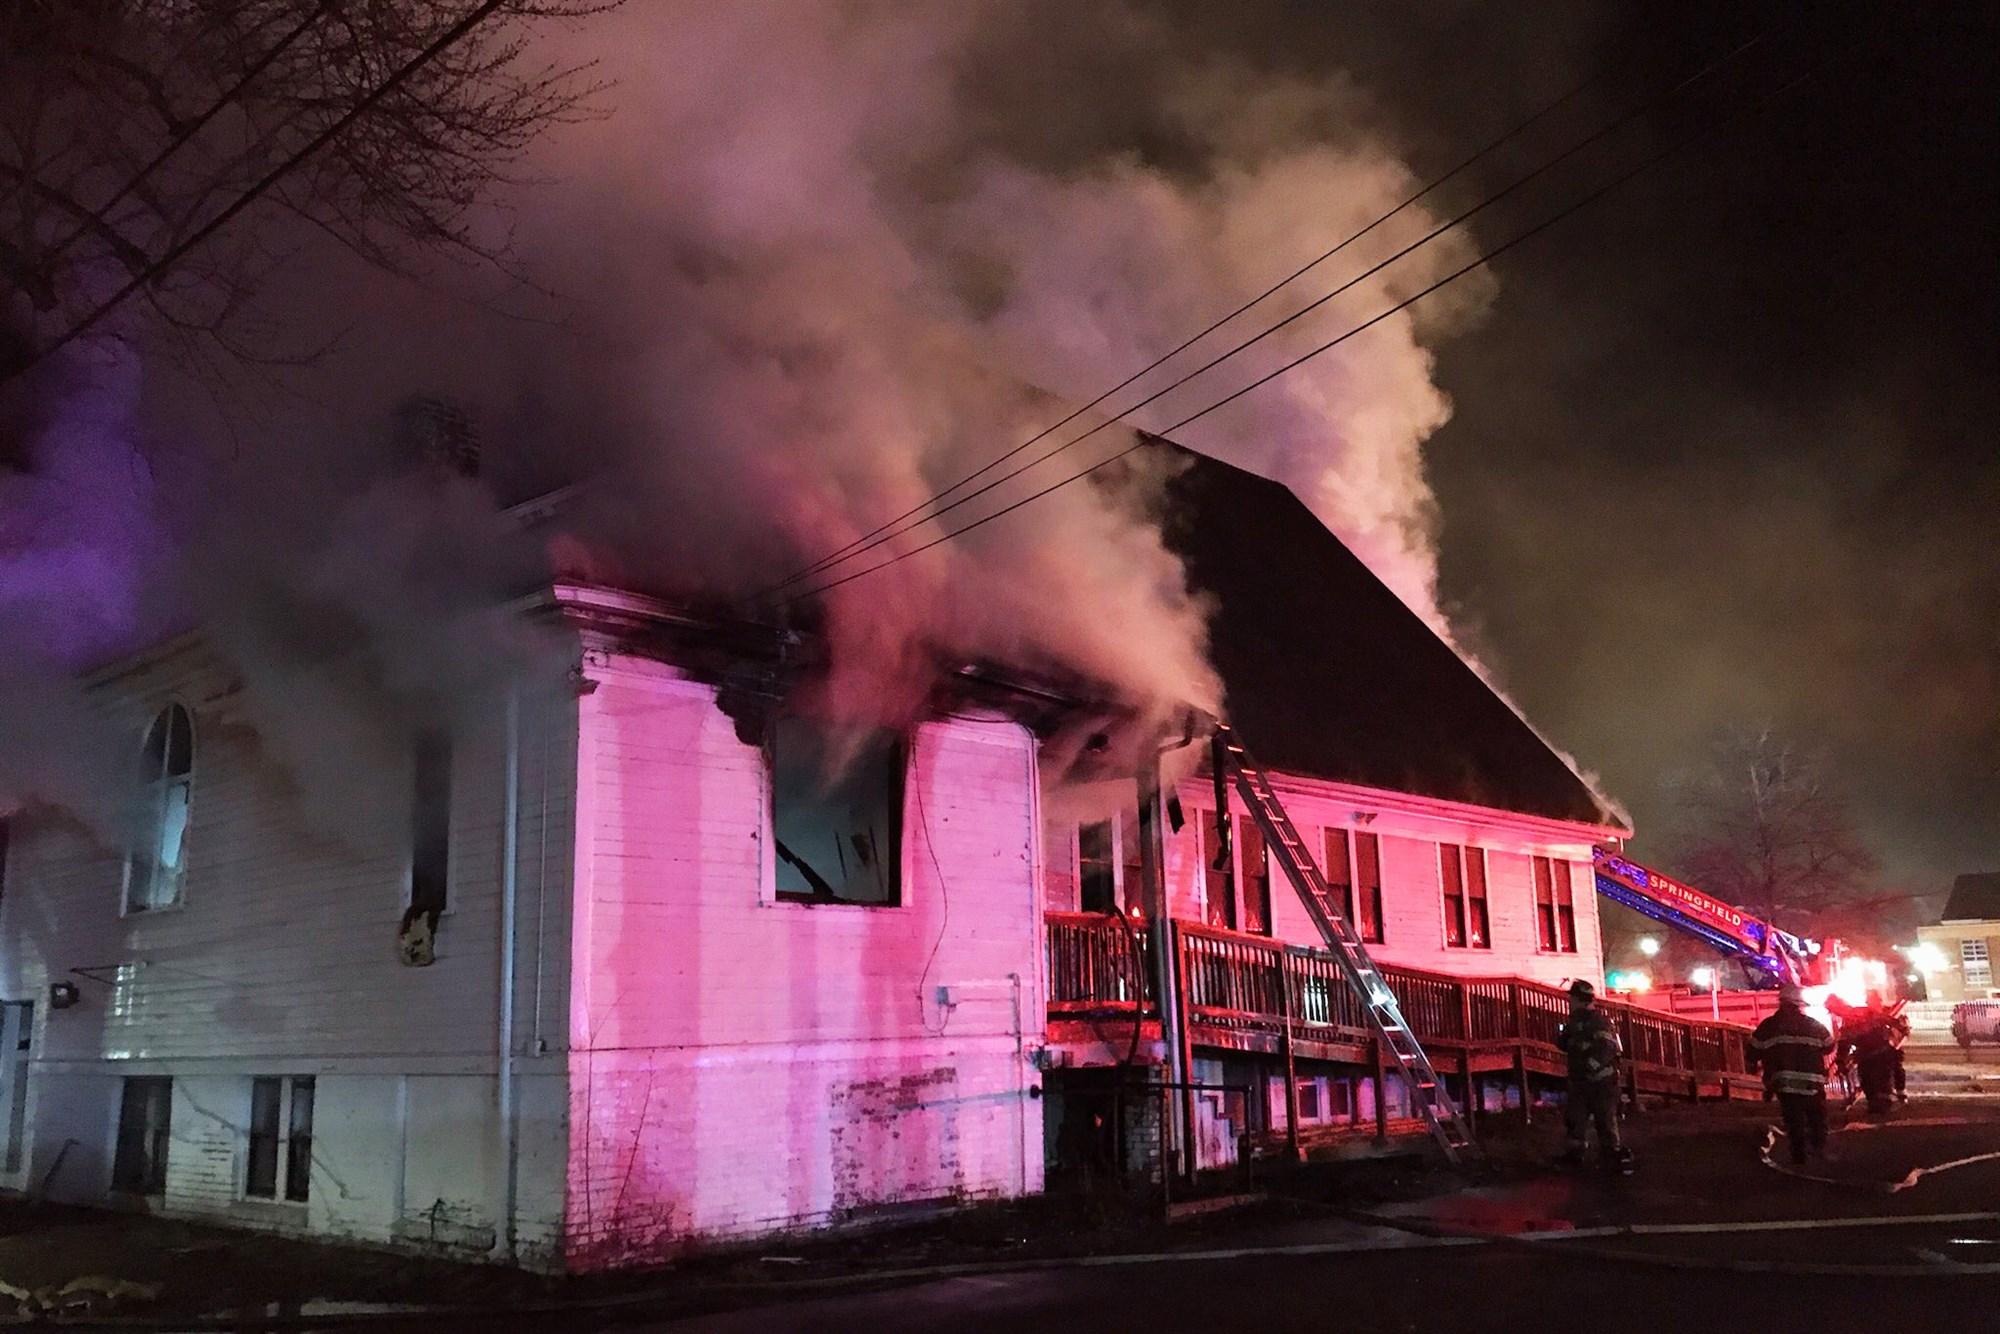 201228-church-fire-massachusetts-jm-1348_15001f166daa5f62c9b416974b97386a.fit-2000w.jpg